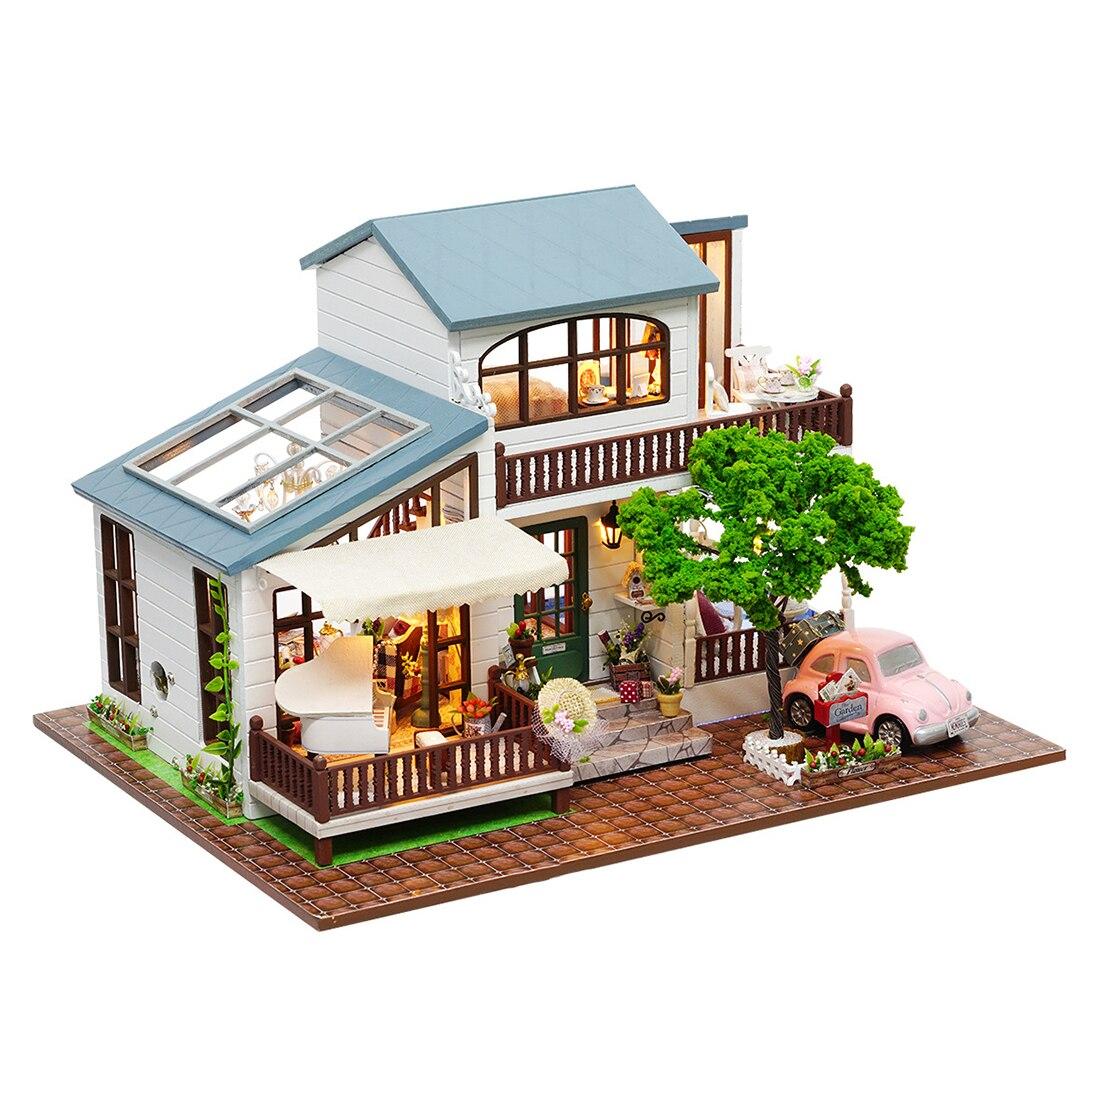 Oyuncaklar ve Hobi Ürünleri'ten Oyuncak Bebek Evleri'de Ahşap Diy Dollhouse Oyuncak Minyatür Kutusu Bulmaca Dollhouse Diy Kiti Bebek Evi Mobilya Londra Tatil Modeli Hediye Oyuncak Çocuklar Için'da  Grup 1